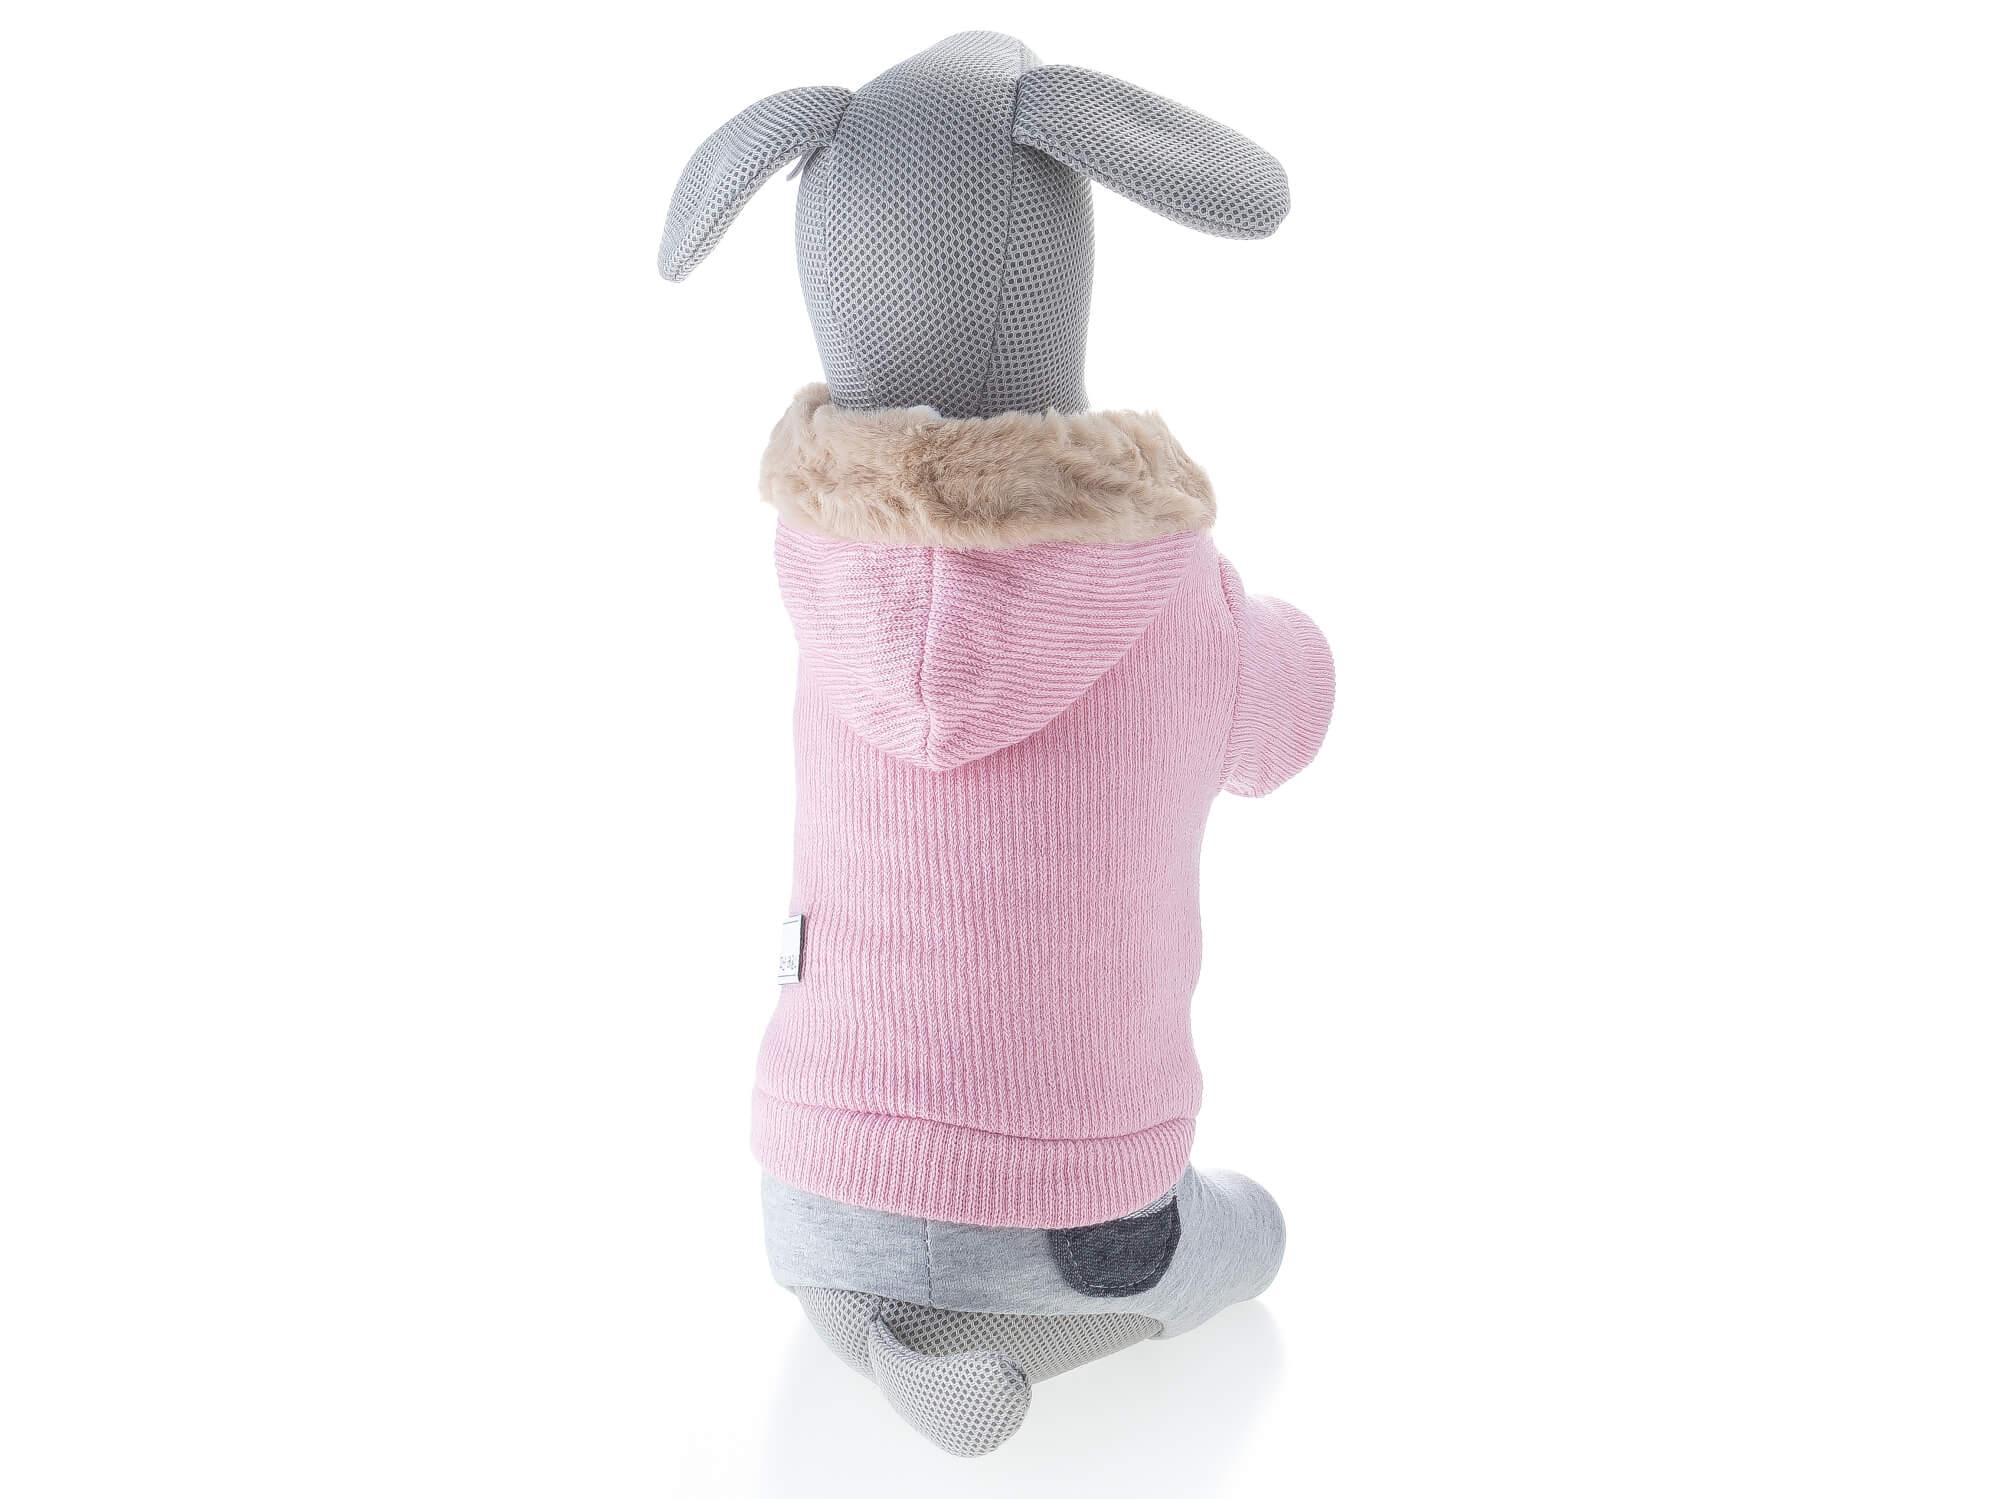 Vsepropejska Zimba kombinéza pro psa Barva: Růžová, Délka zad psa: 20 cm, Obvod hrudníku: 24 - 30 cm